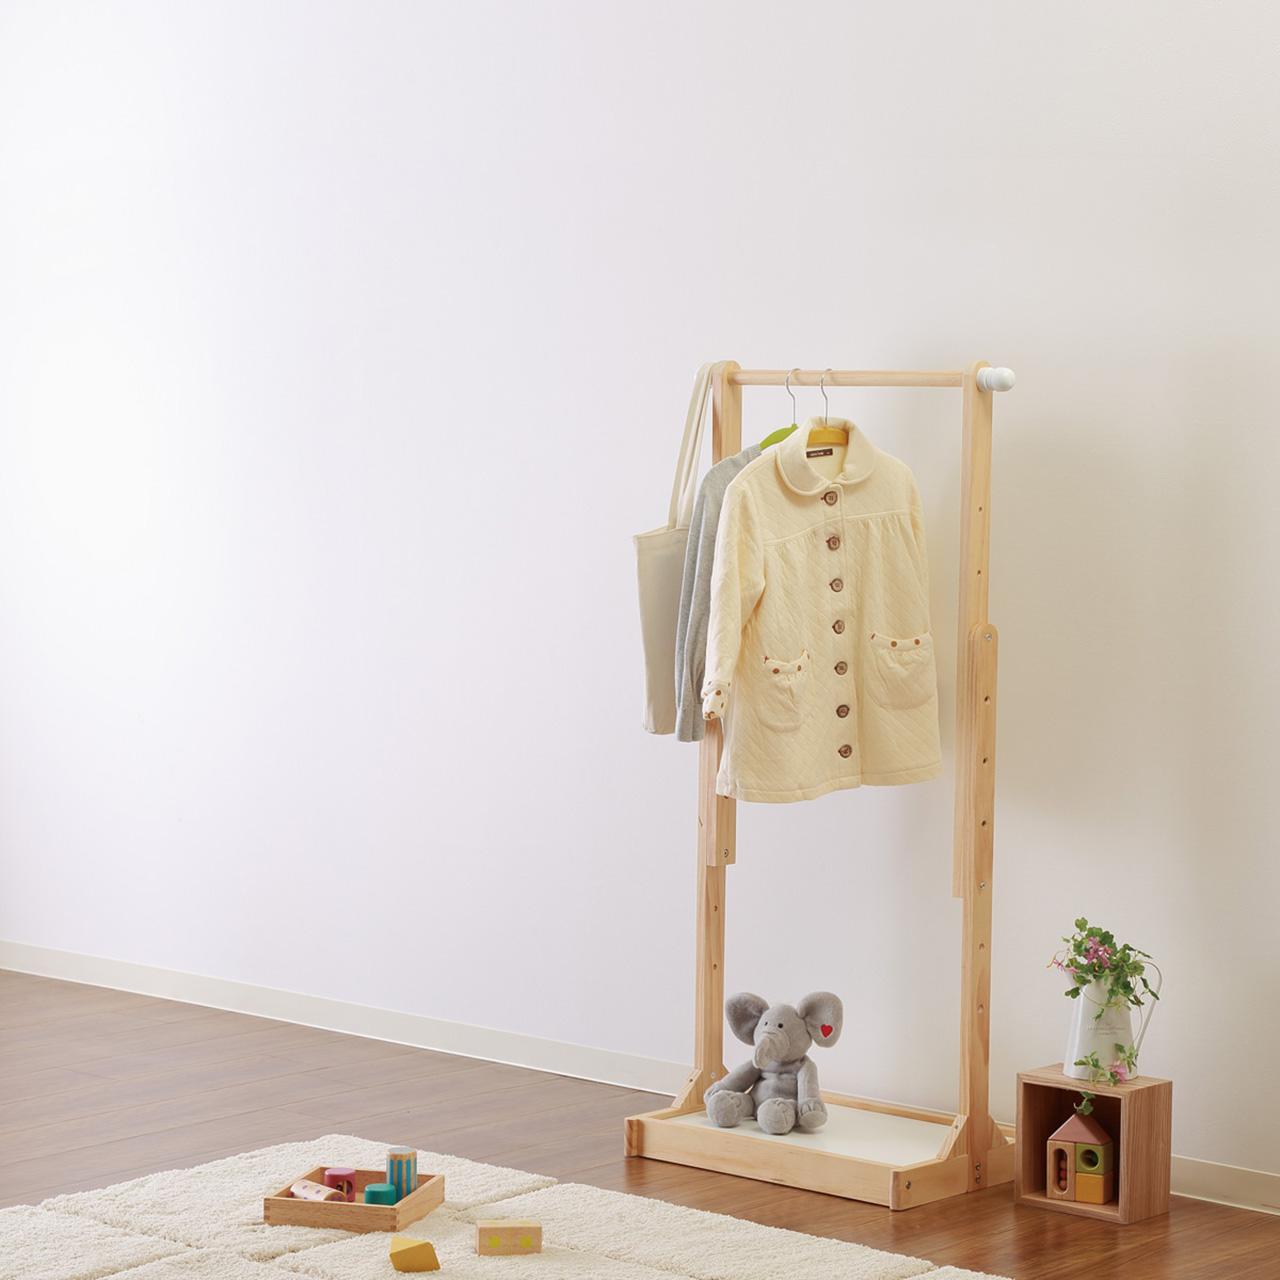 【無料モニター】ニトリのハンガーラックを使って素敵な子ども部屋作りを楽しんでくれるユーザーさん大募集!